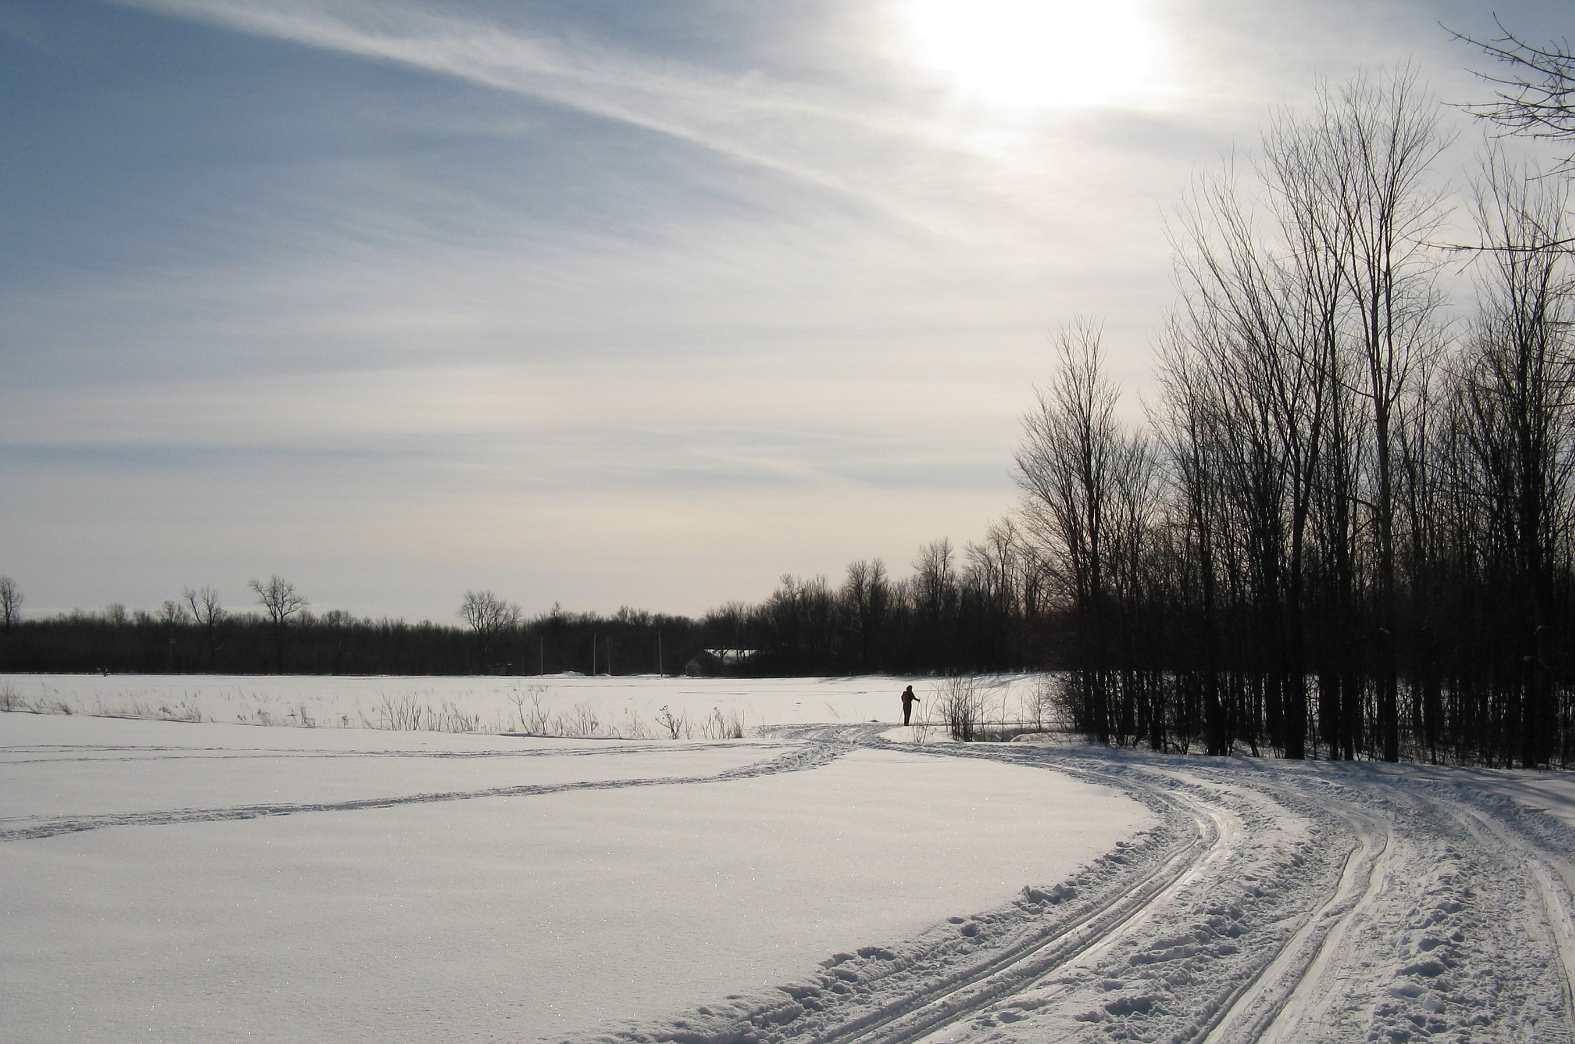 Snowshoeing Montreal season details for Cap Saint-Jacques.